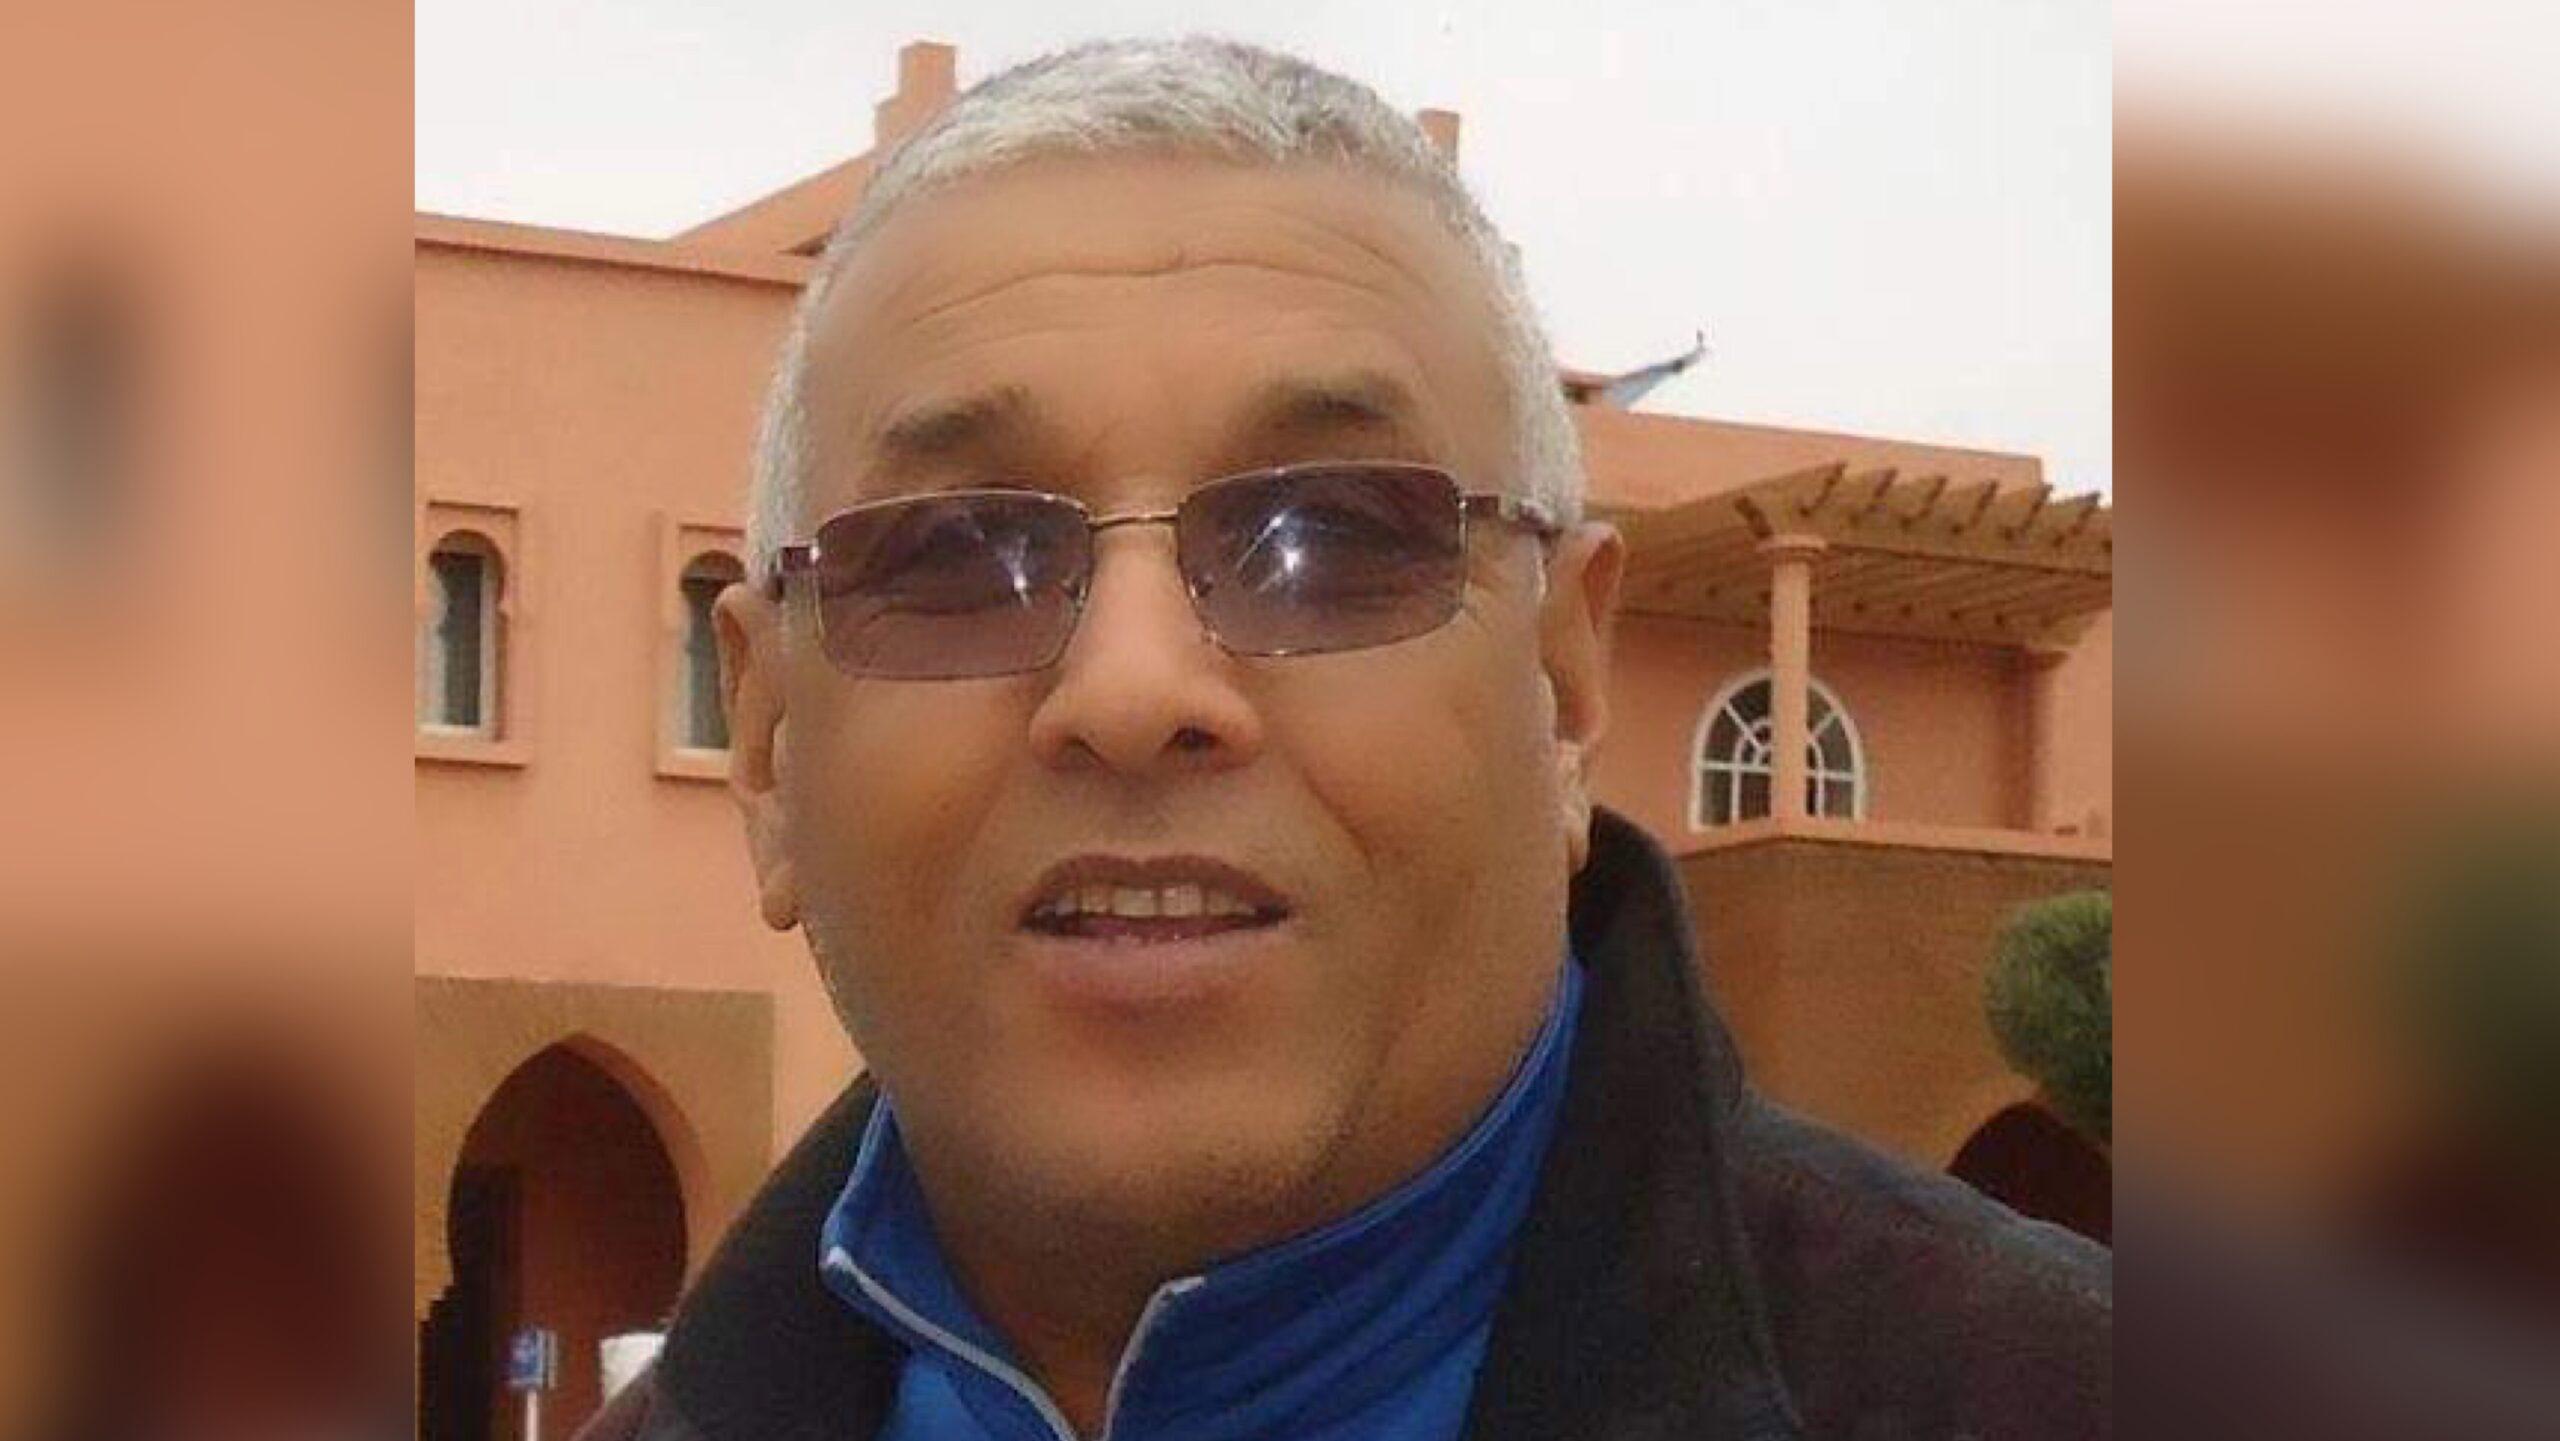 صورة اعتقال الناشط الحقوقي أحمد زوهير يثير حفيظة رفاقه بمدينة اليوسفية